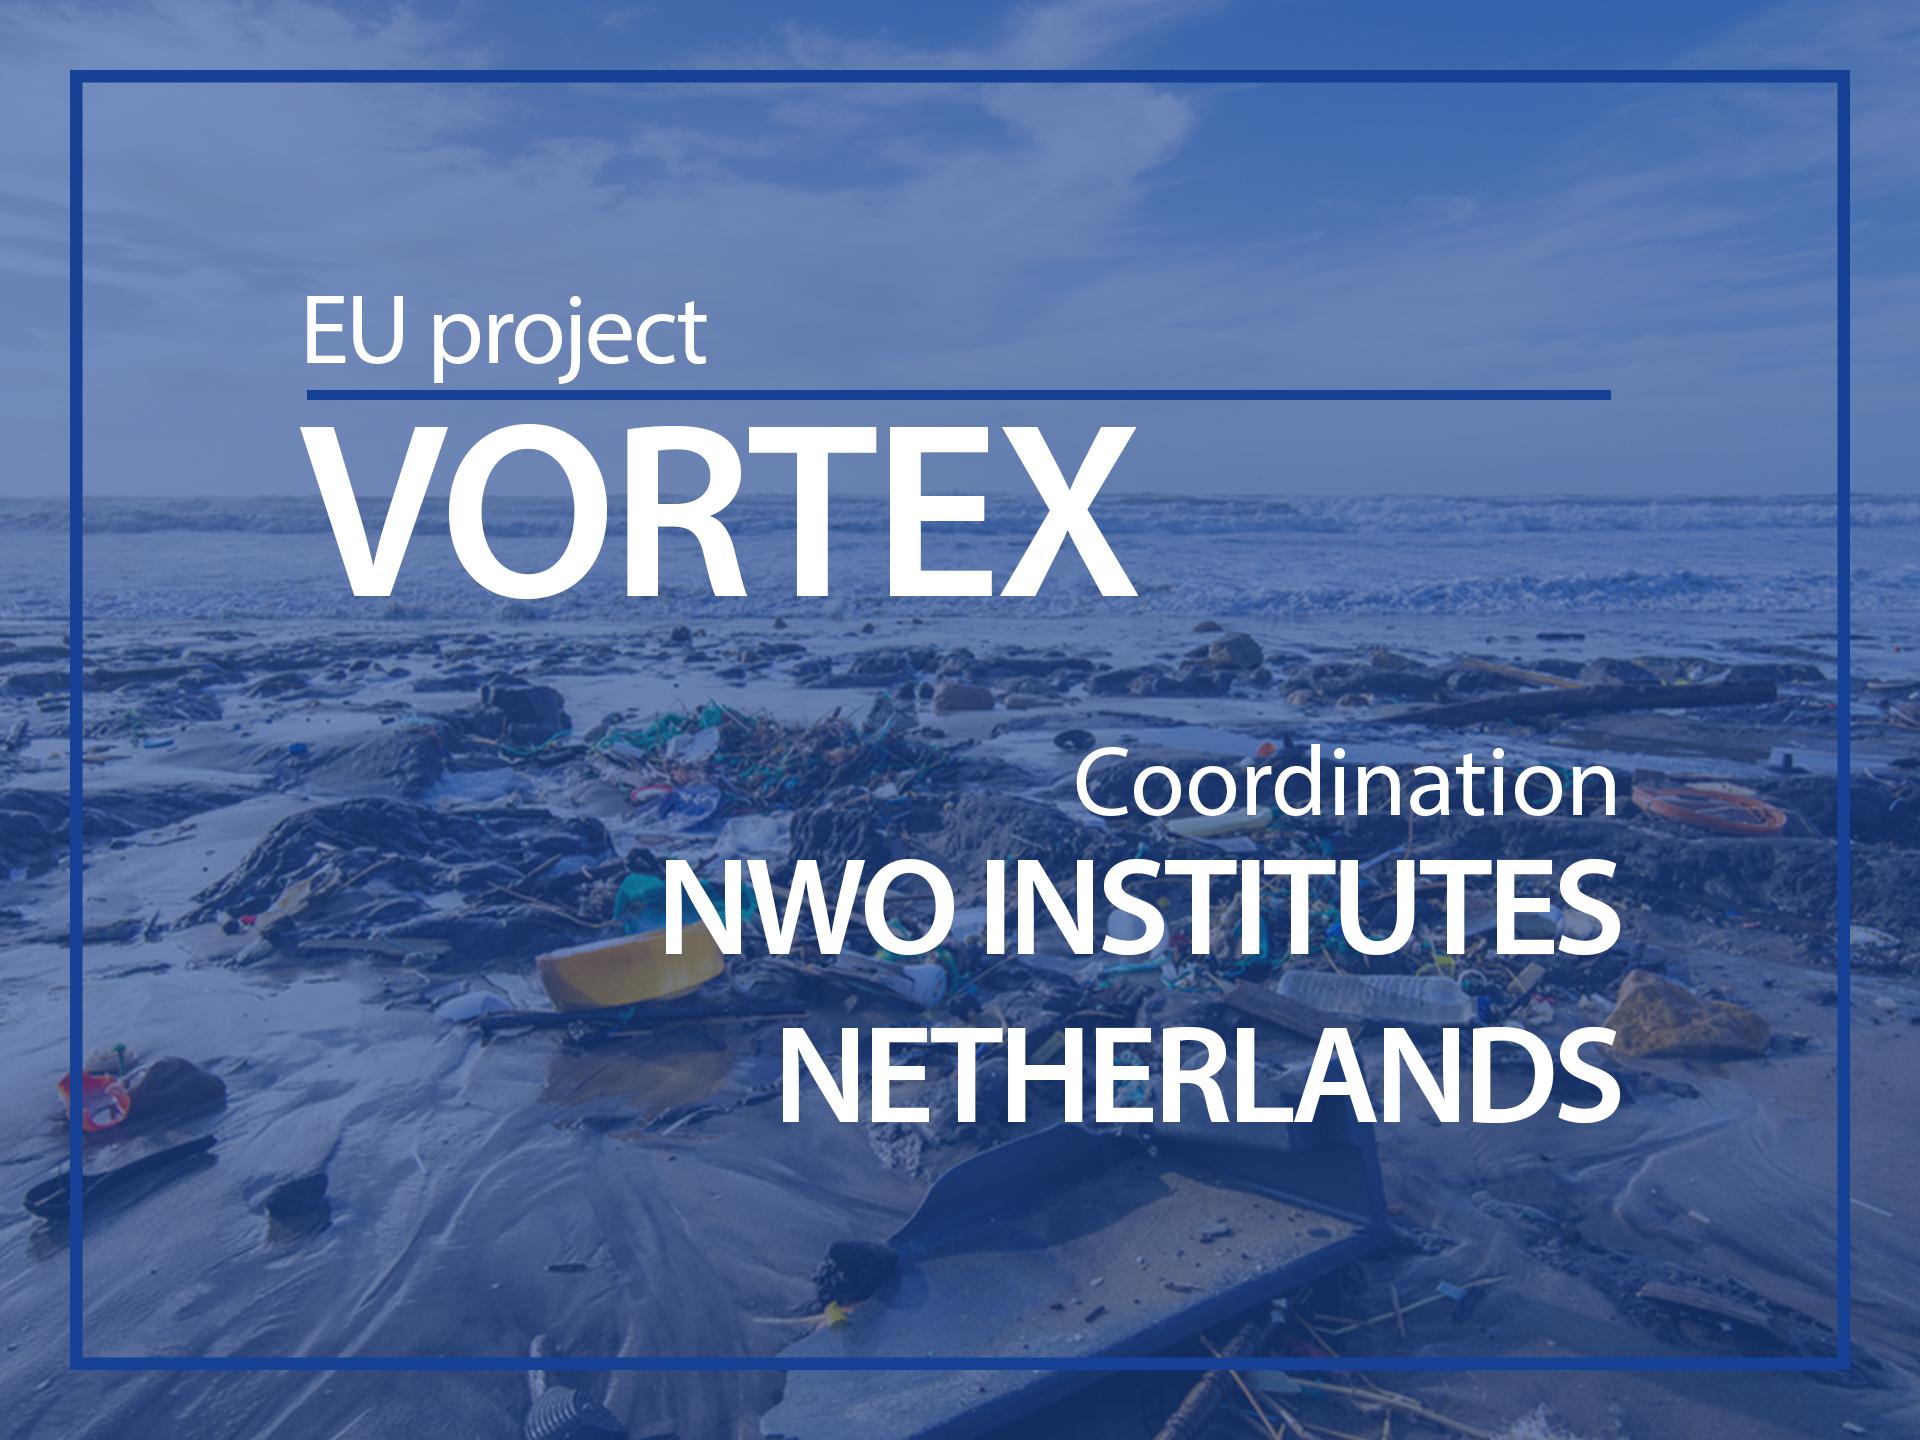 EU Project : VORTEX